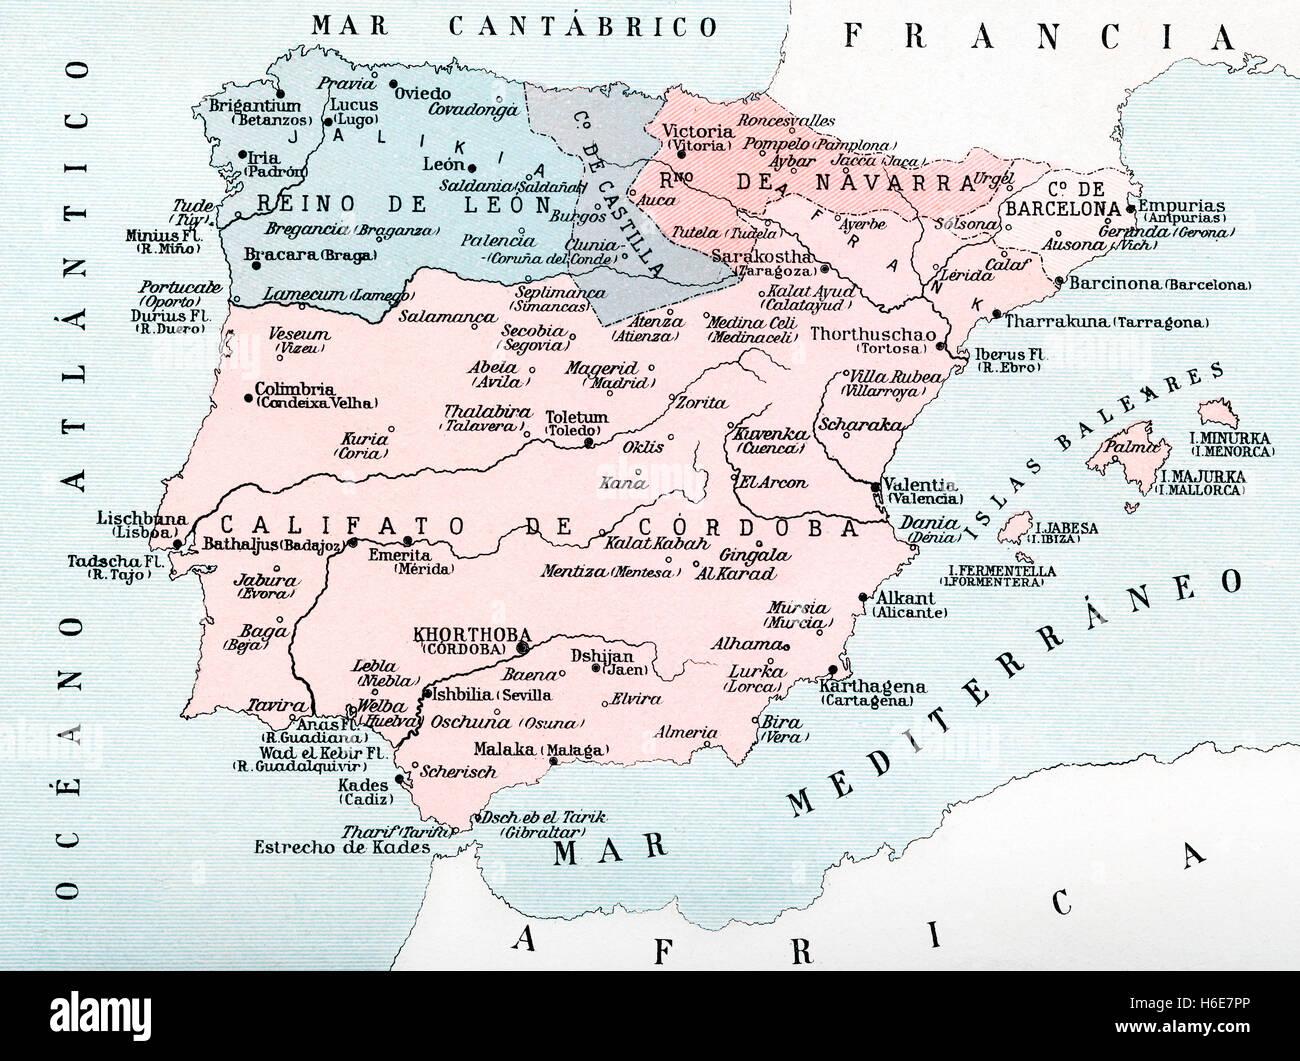 Mappa della Spagna nel medioevo durante l'occupazione musulmana. Immagini Stock